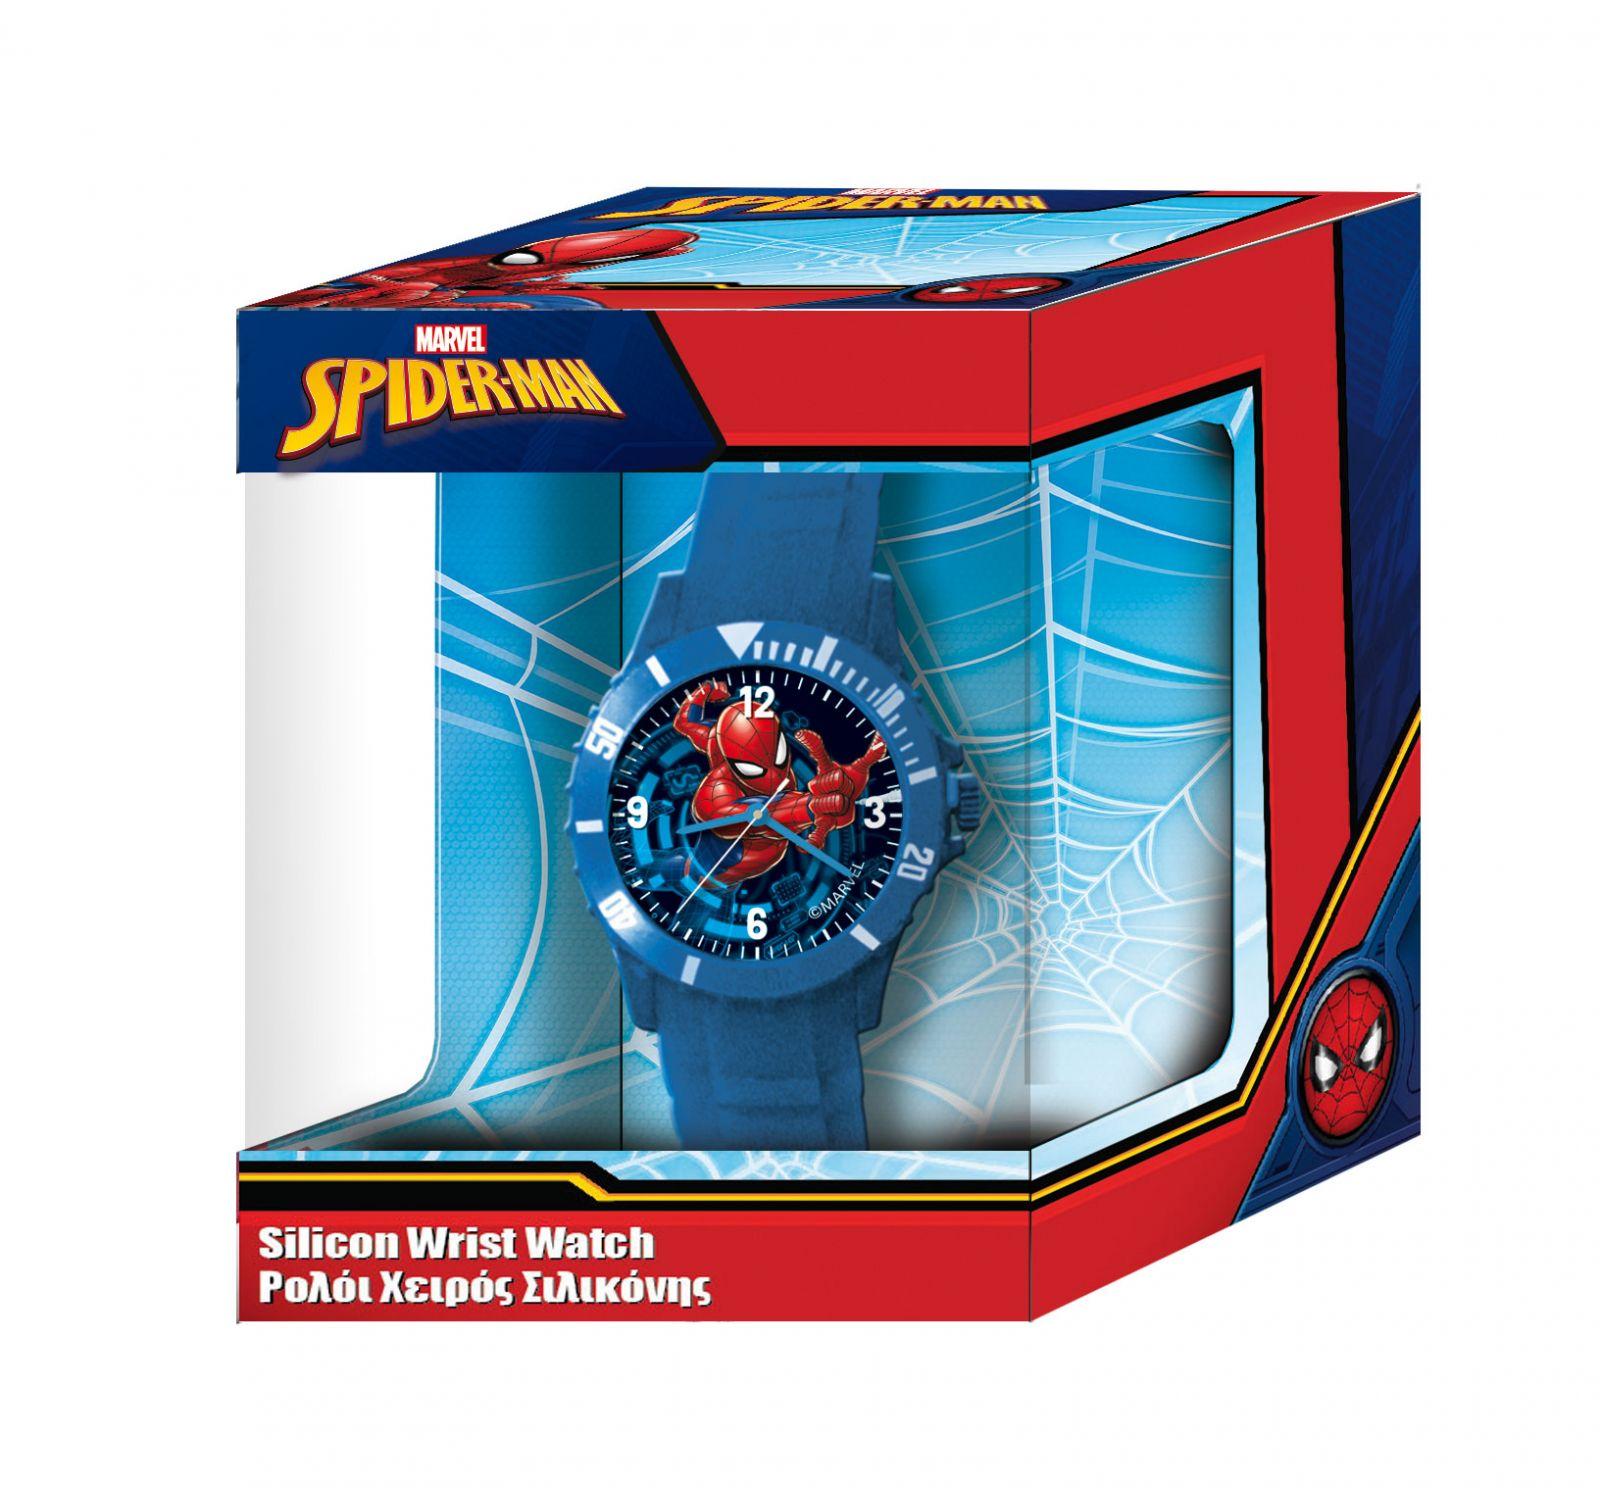 Dětské hodinky - analogové v dárkové krabičce - Spiderman - NEW Diakakis